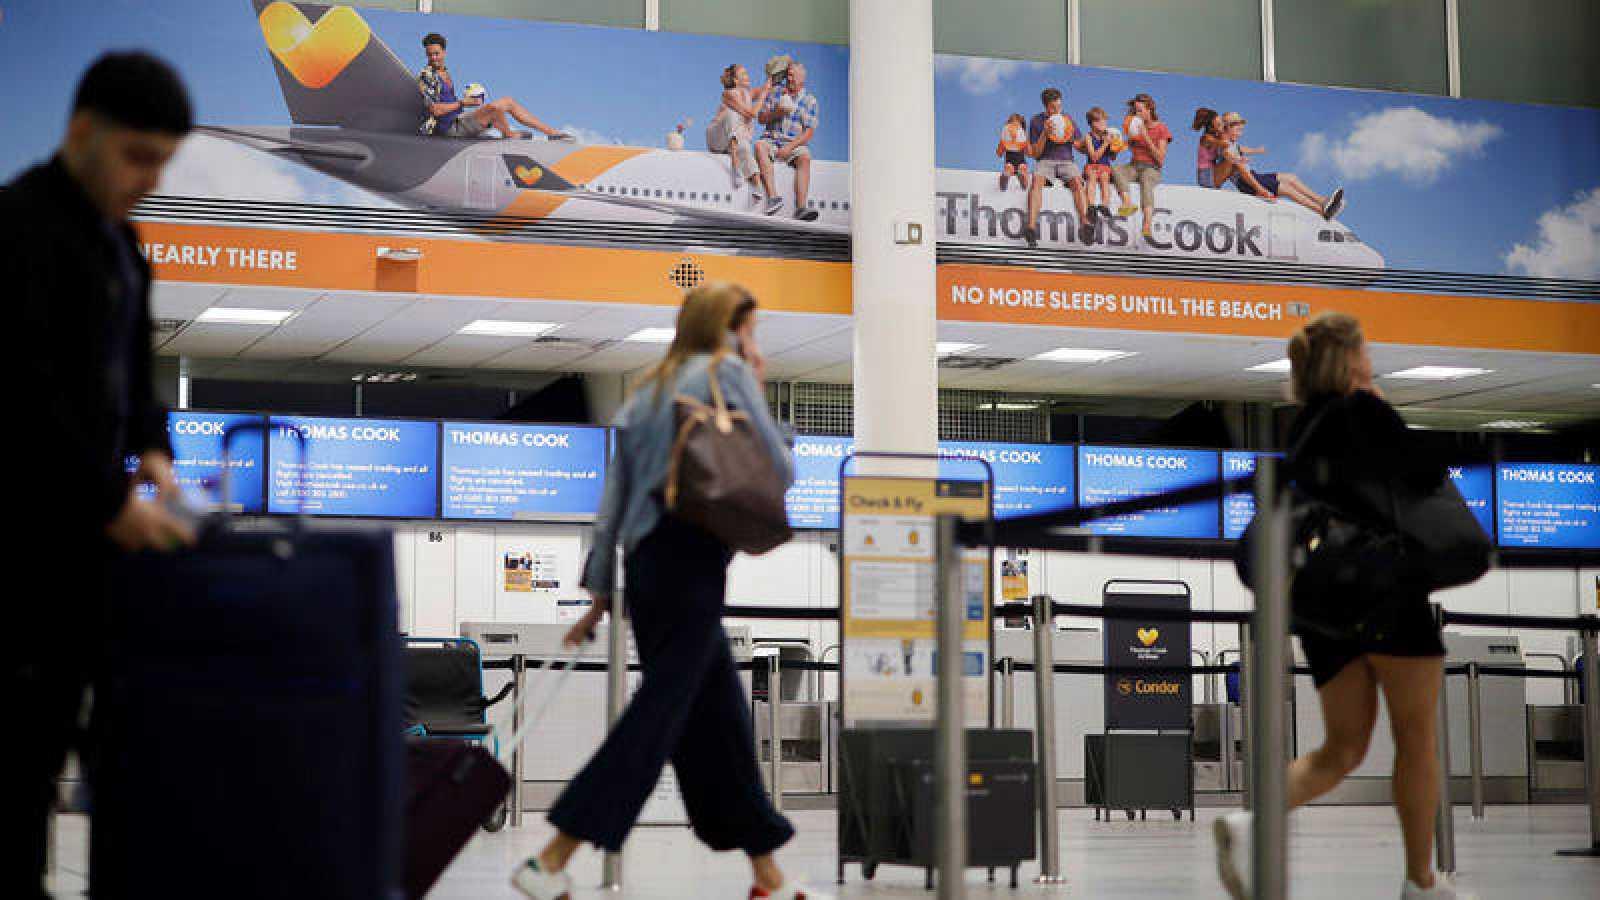 Mostrador de Thomas Cook en el aeropuerto de Gatwick